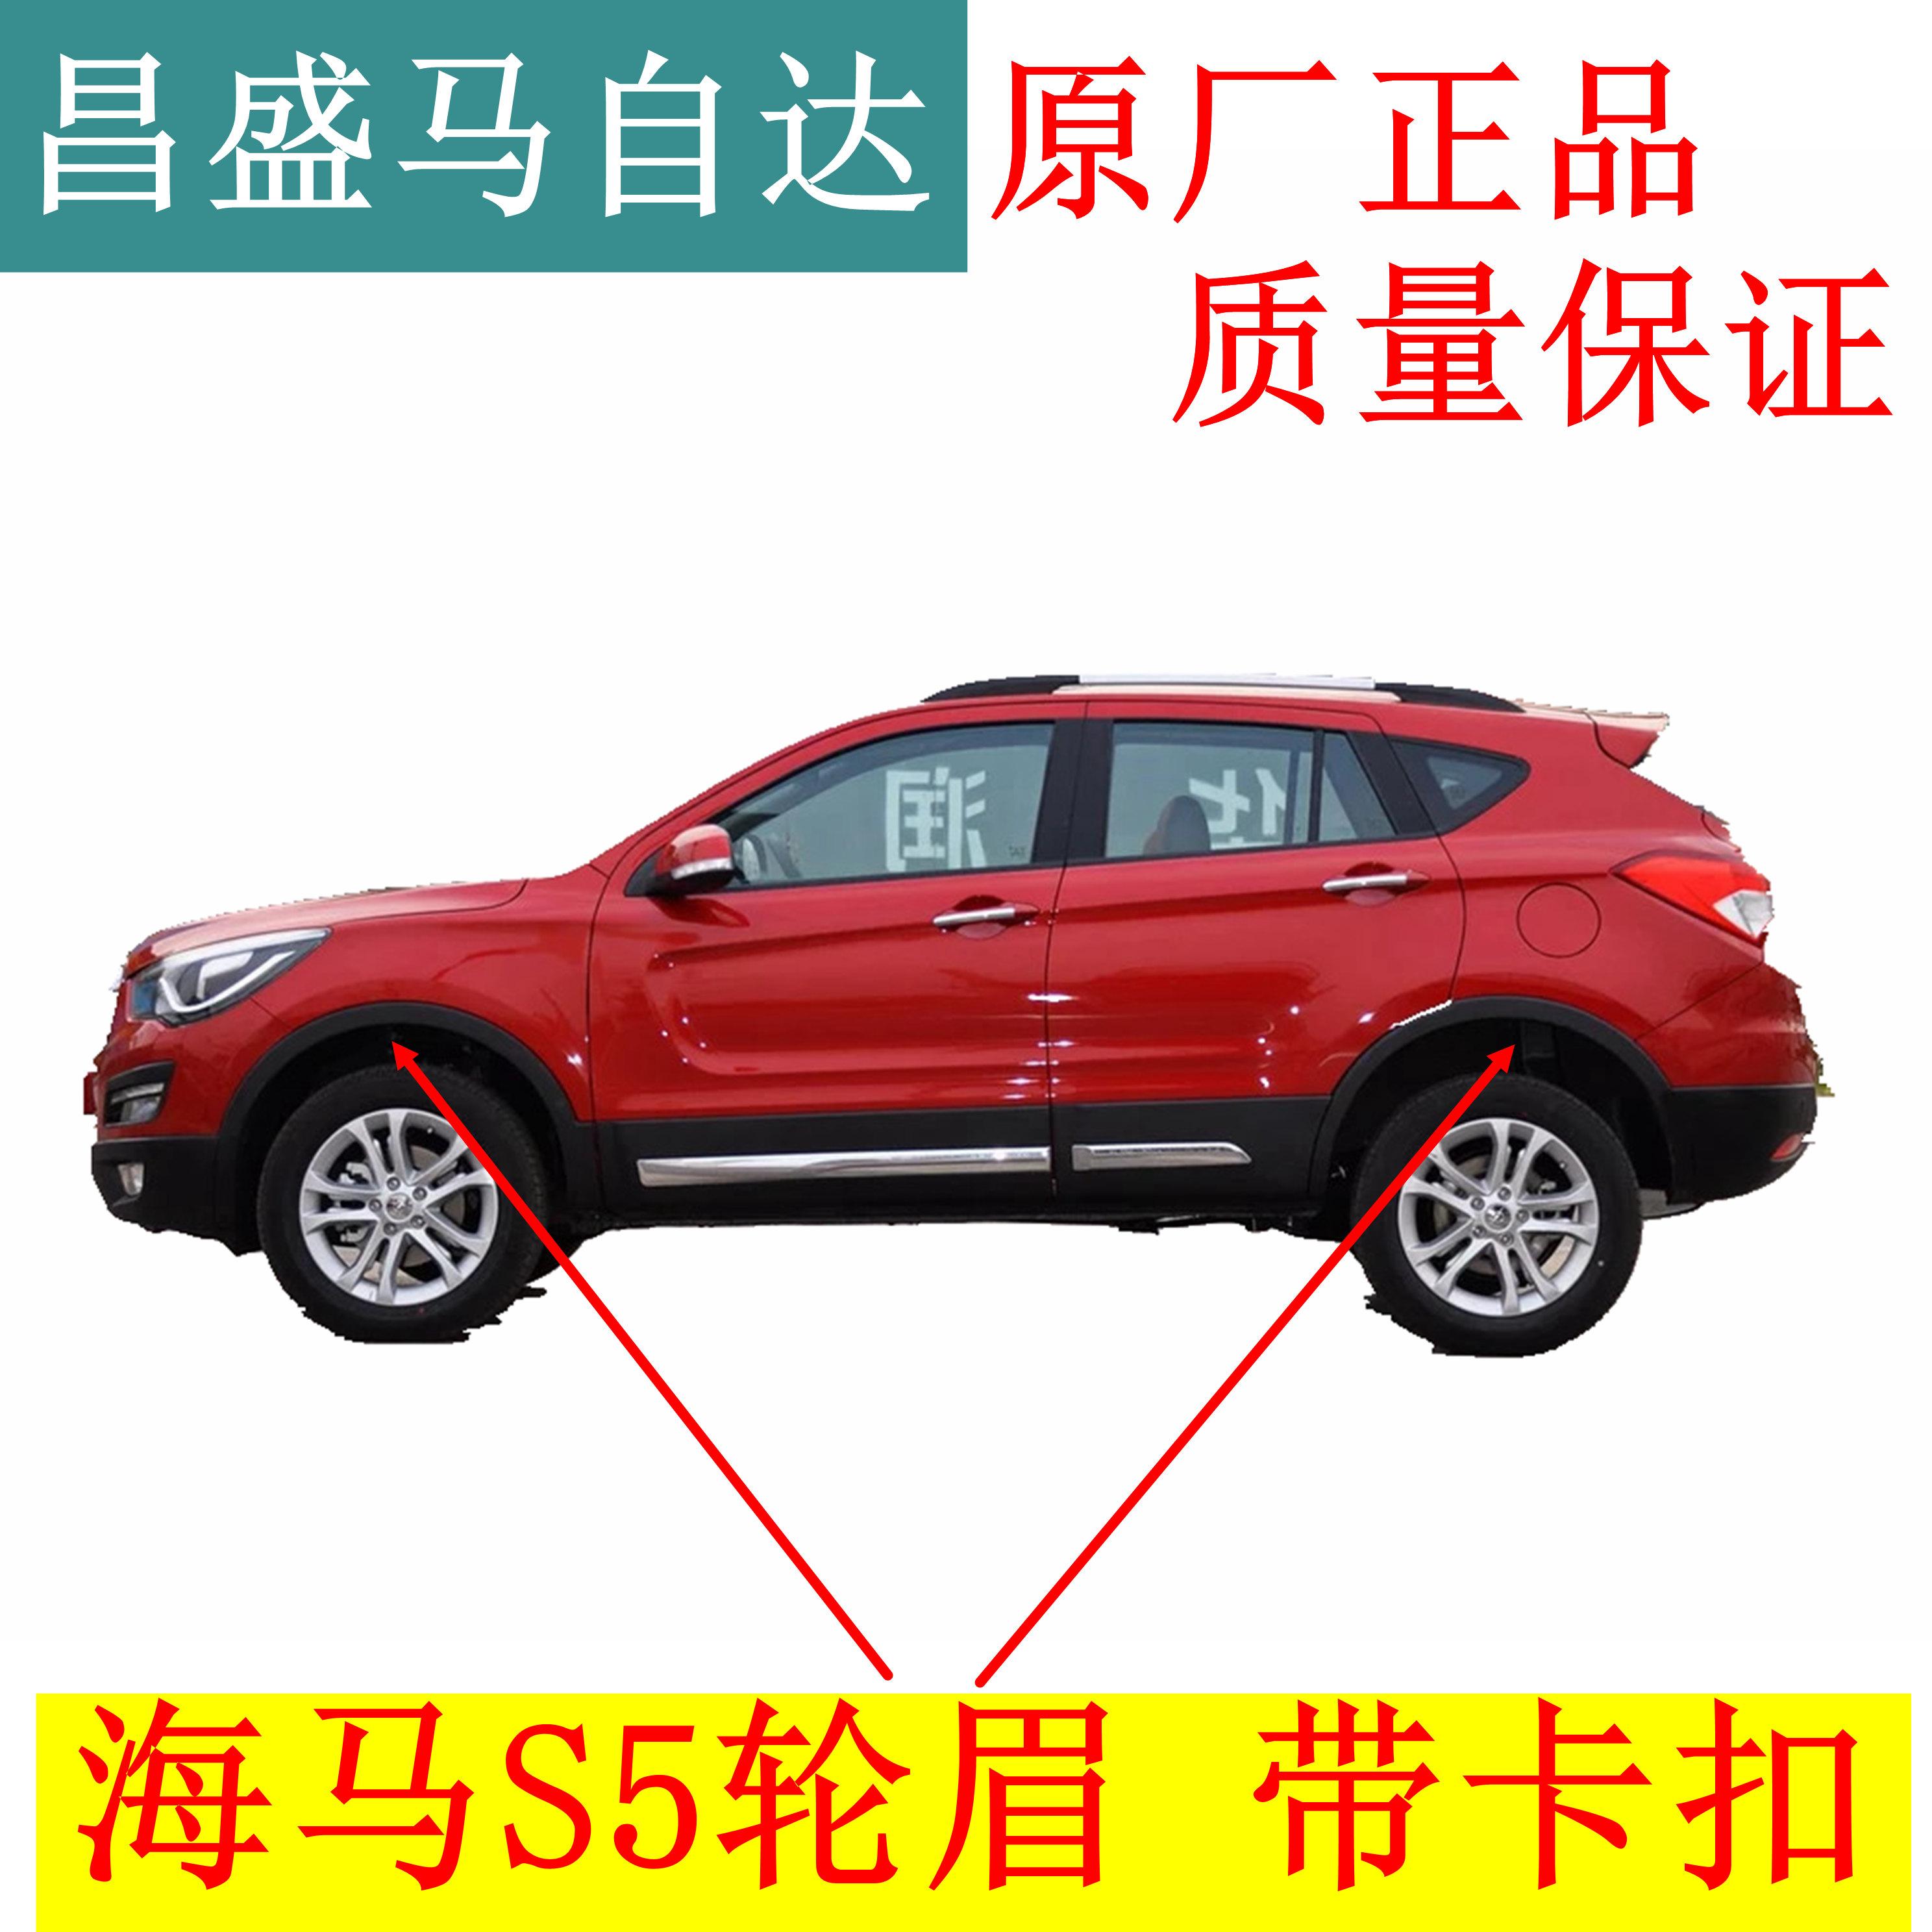 Zhengzhou Haima S5 передняя+задняя слева справа Колесо обода полосатый заводская комплектация авто лист панель Боковая брови для Боковая броня Seahorse S5